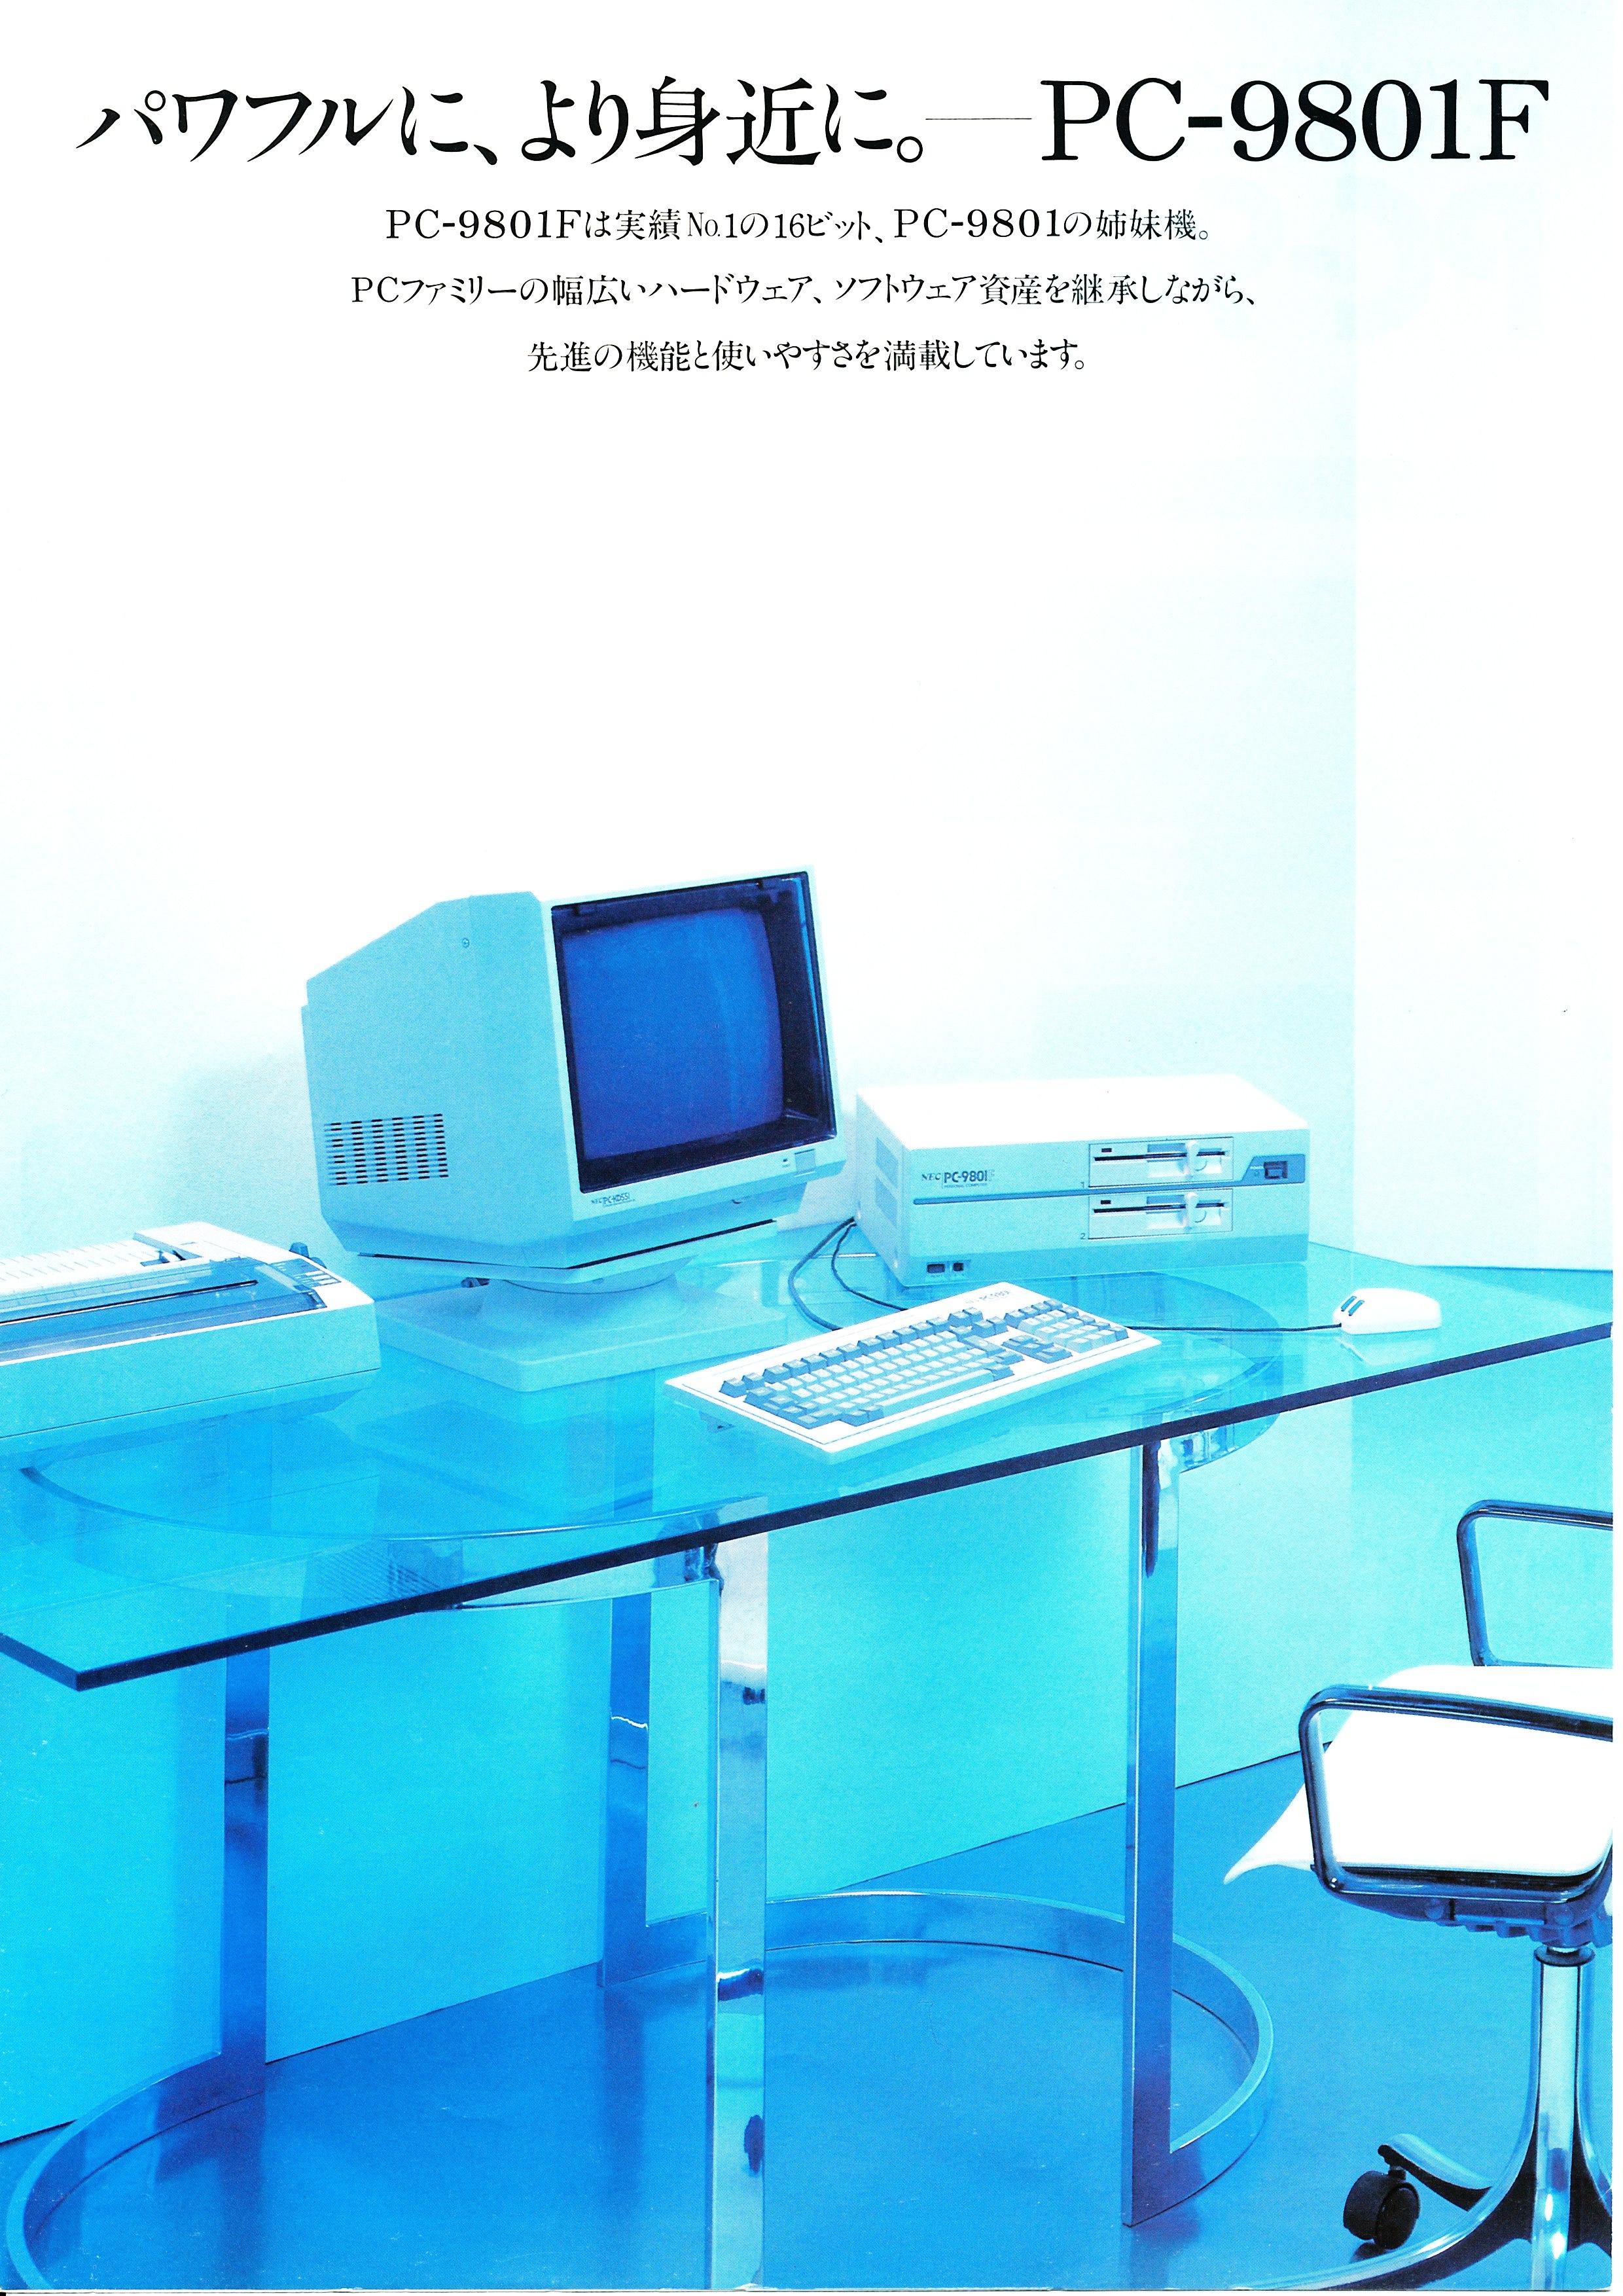 PC-9801F P2